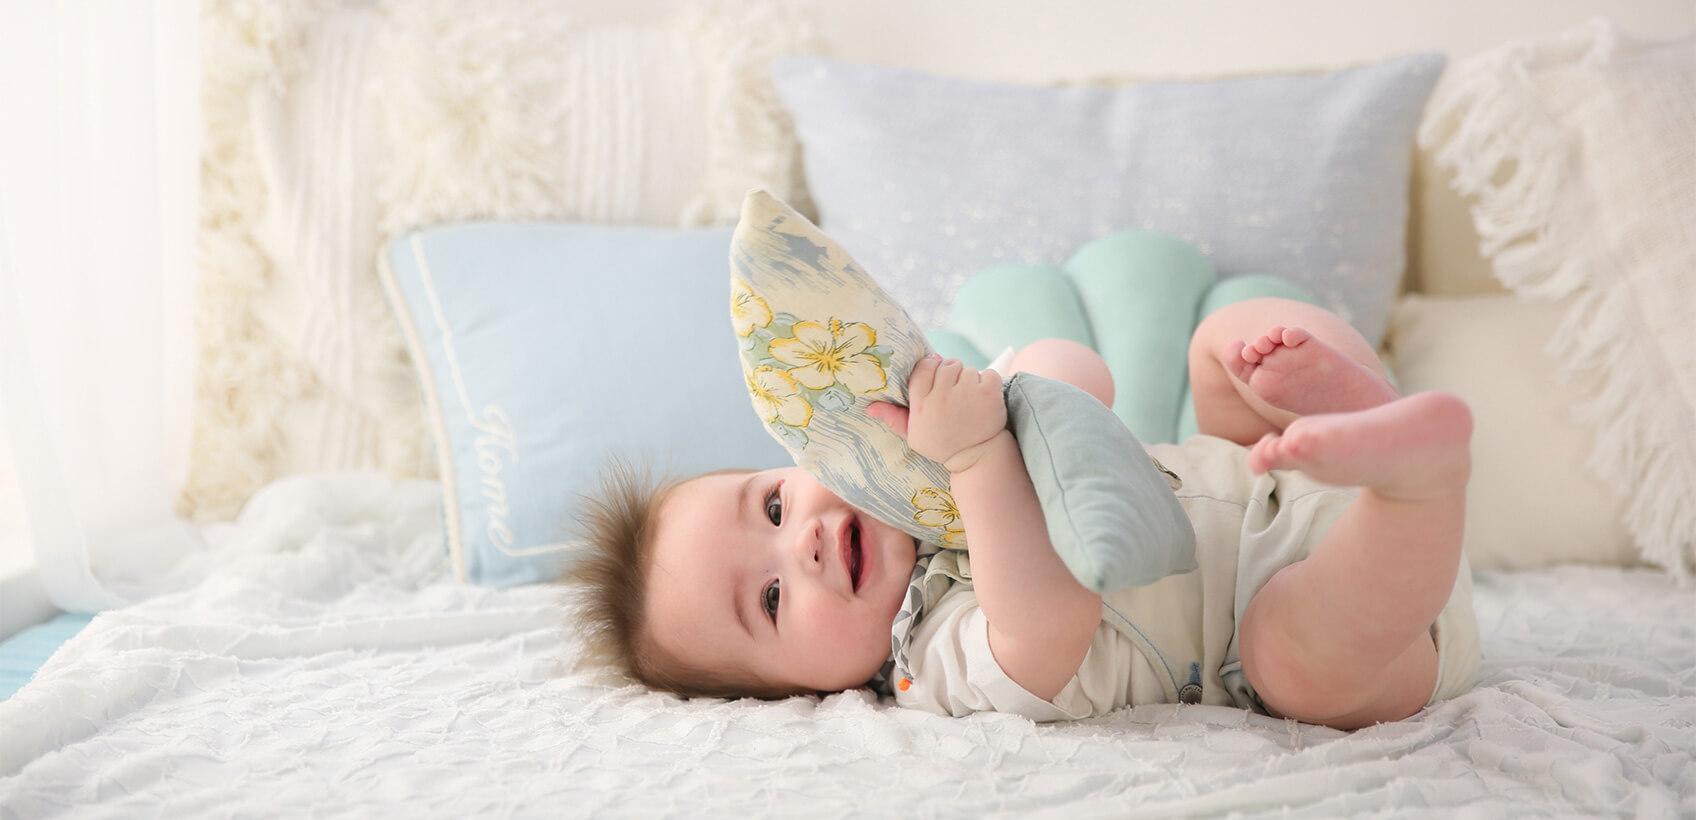 赤ちゃんの成長を楽しく記録するためのアイデア